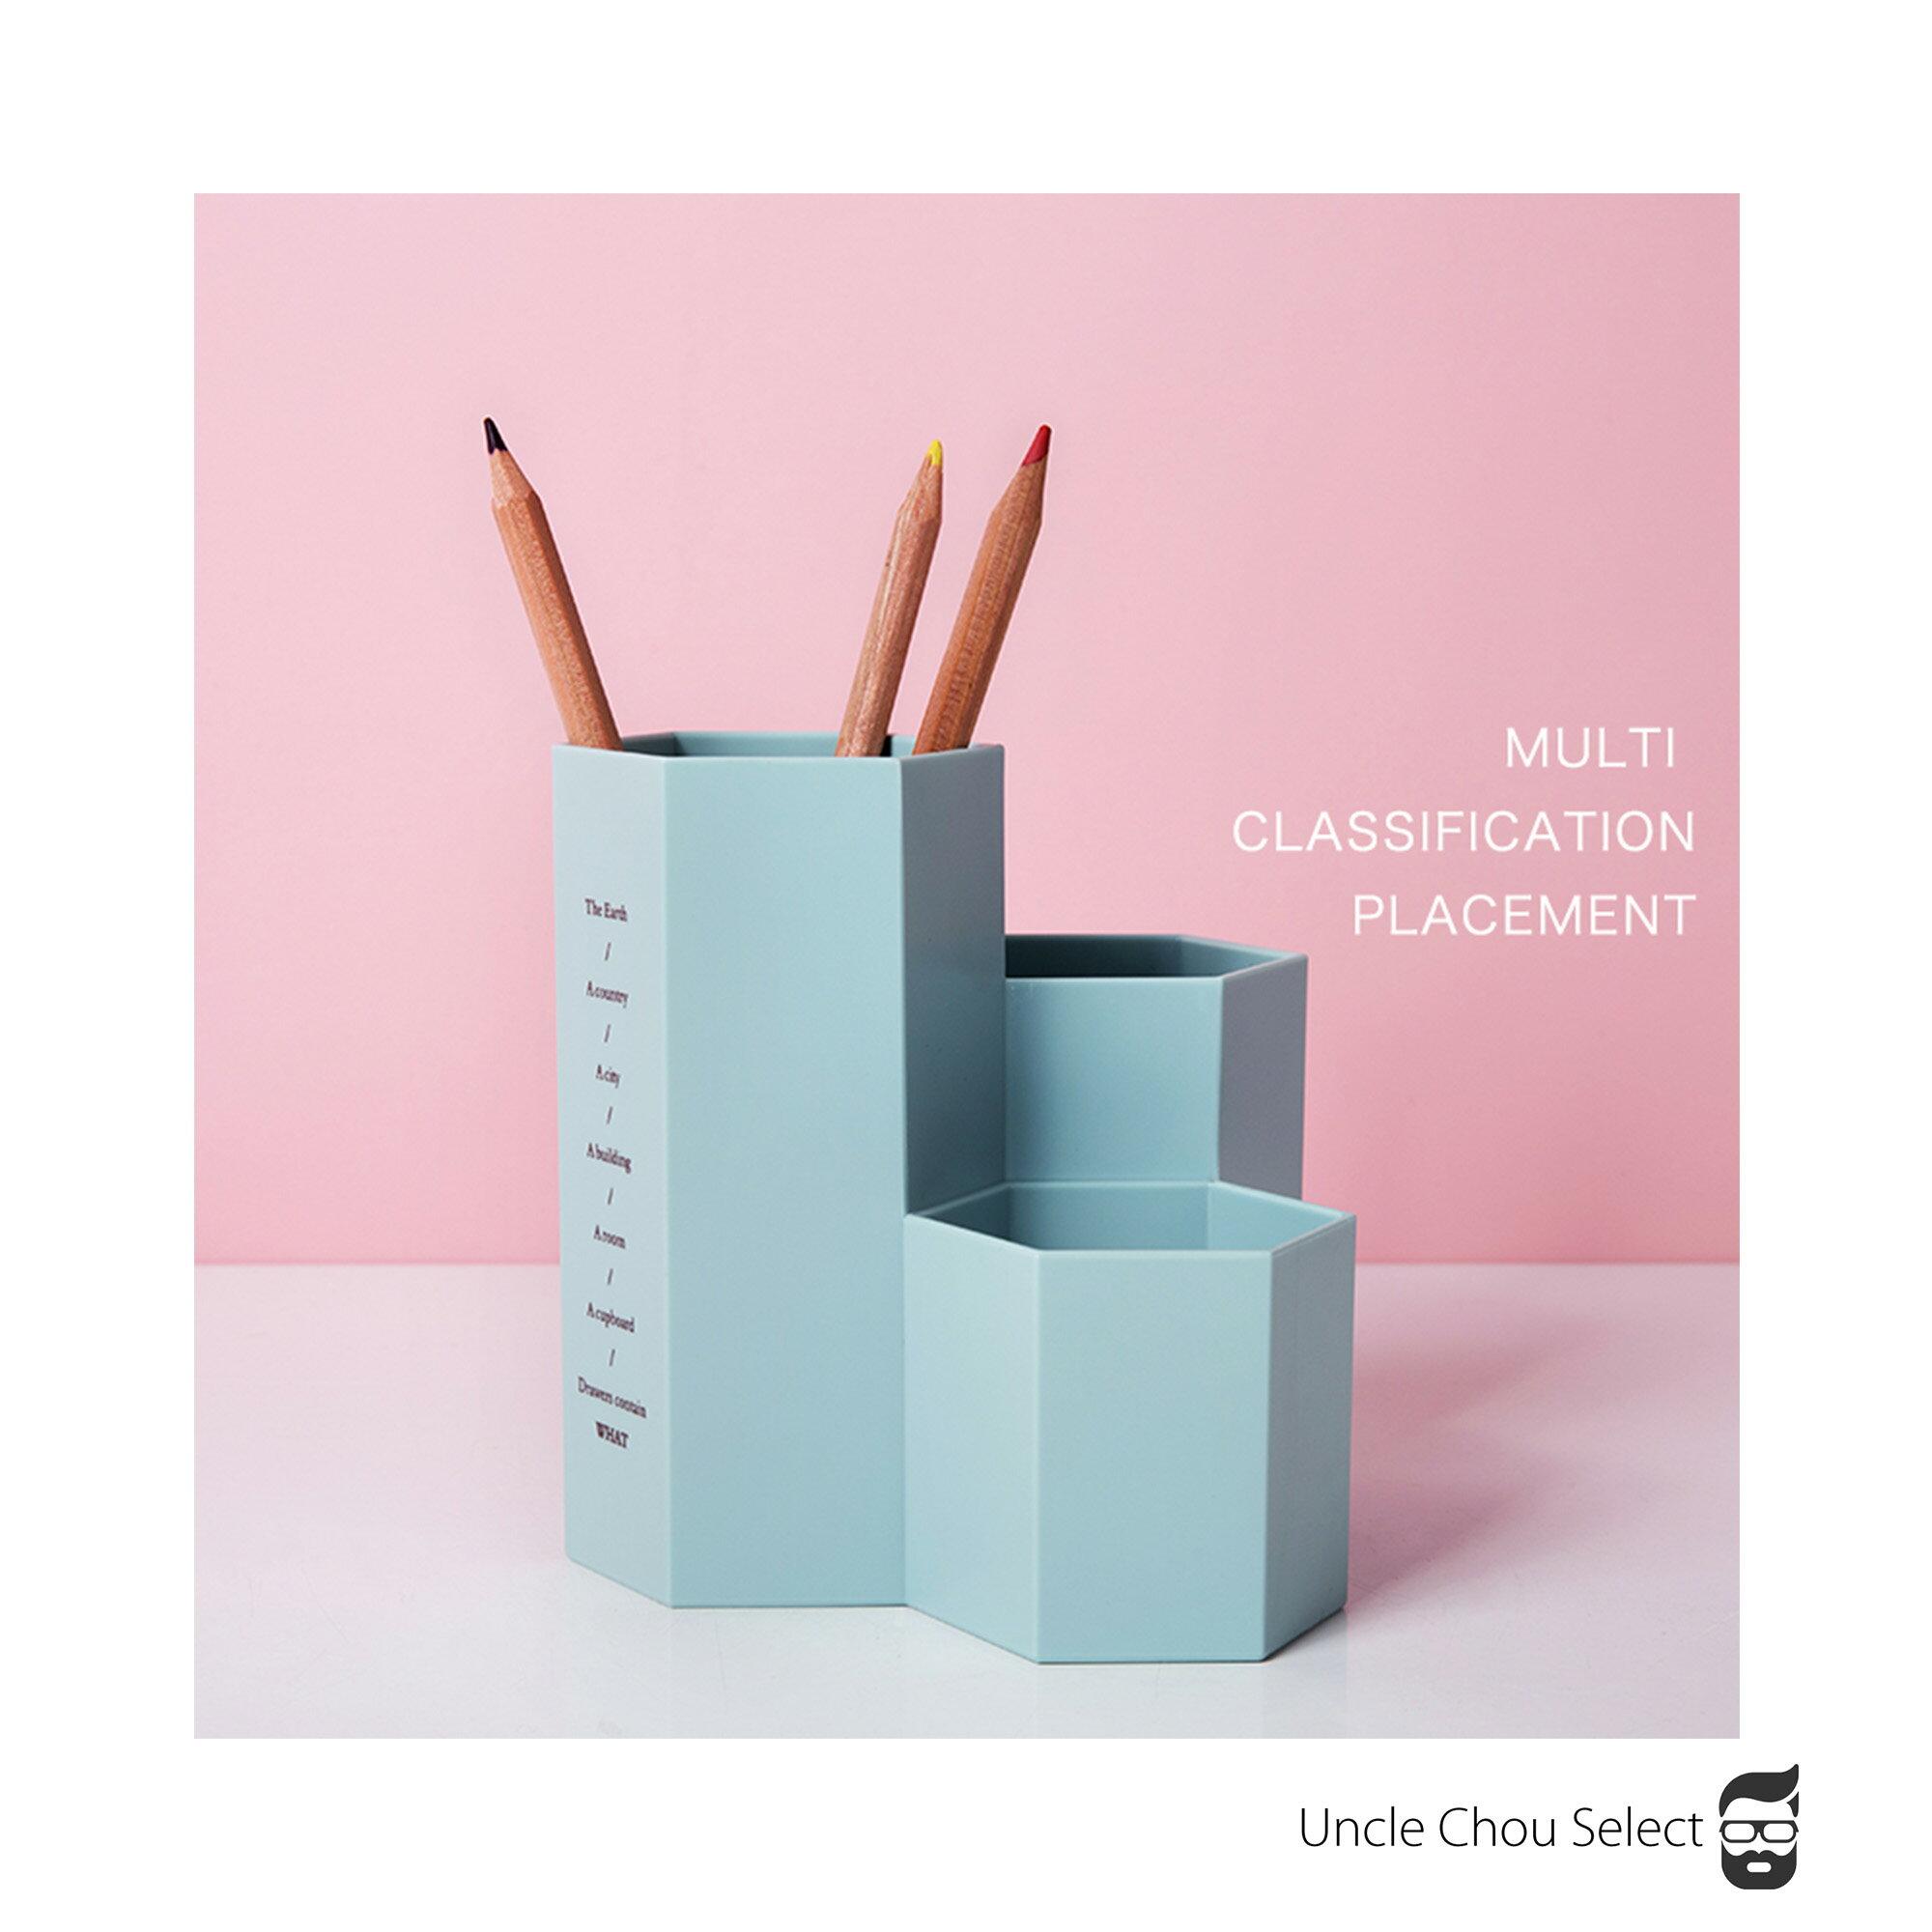 韓國六角形筆筒 化妝筆刷收納 桌上收納盒 zakka 生日 馬卡龍 辦公小物